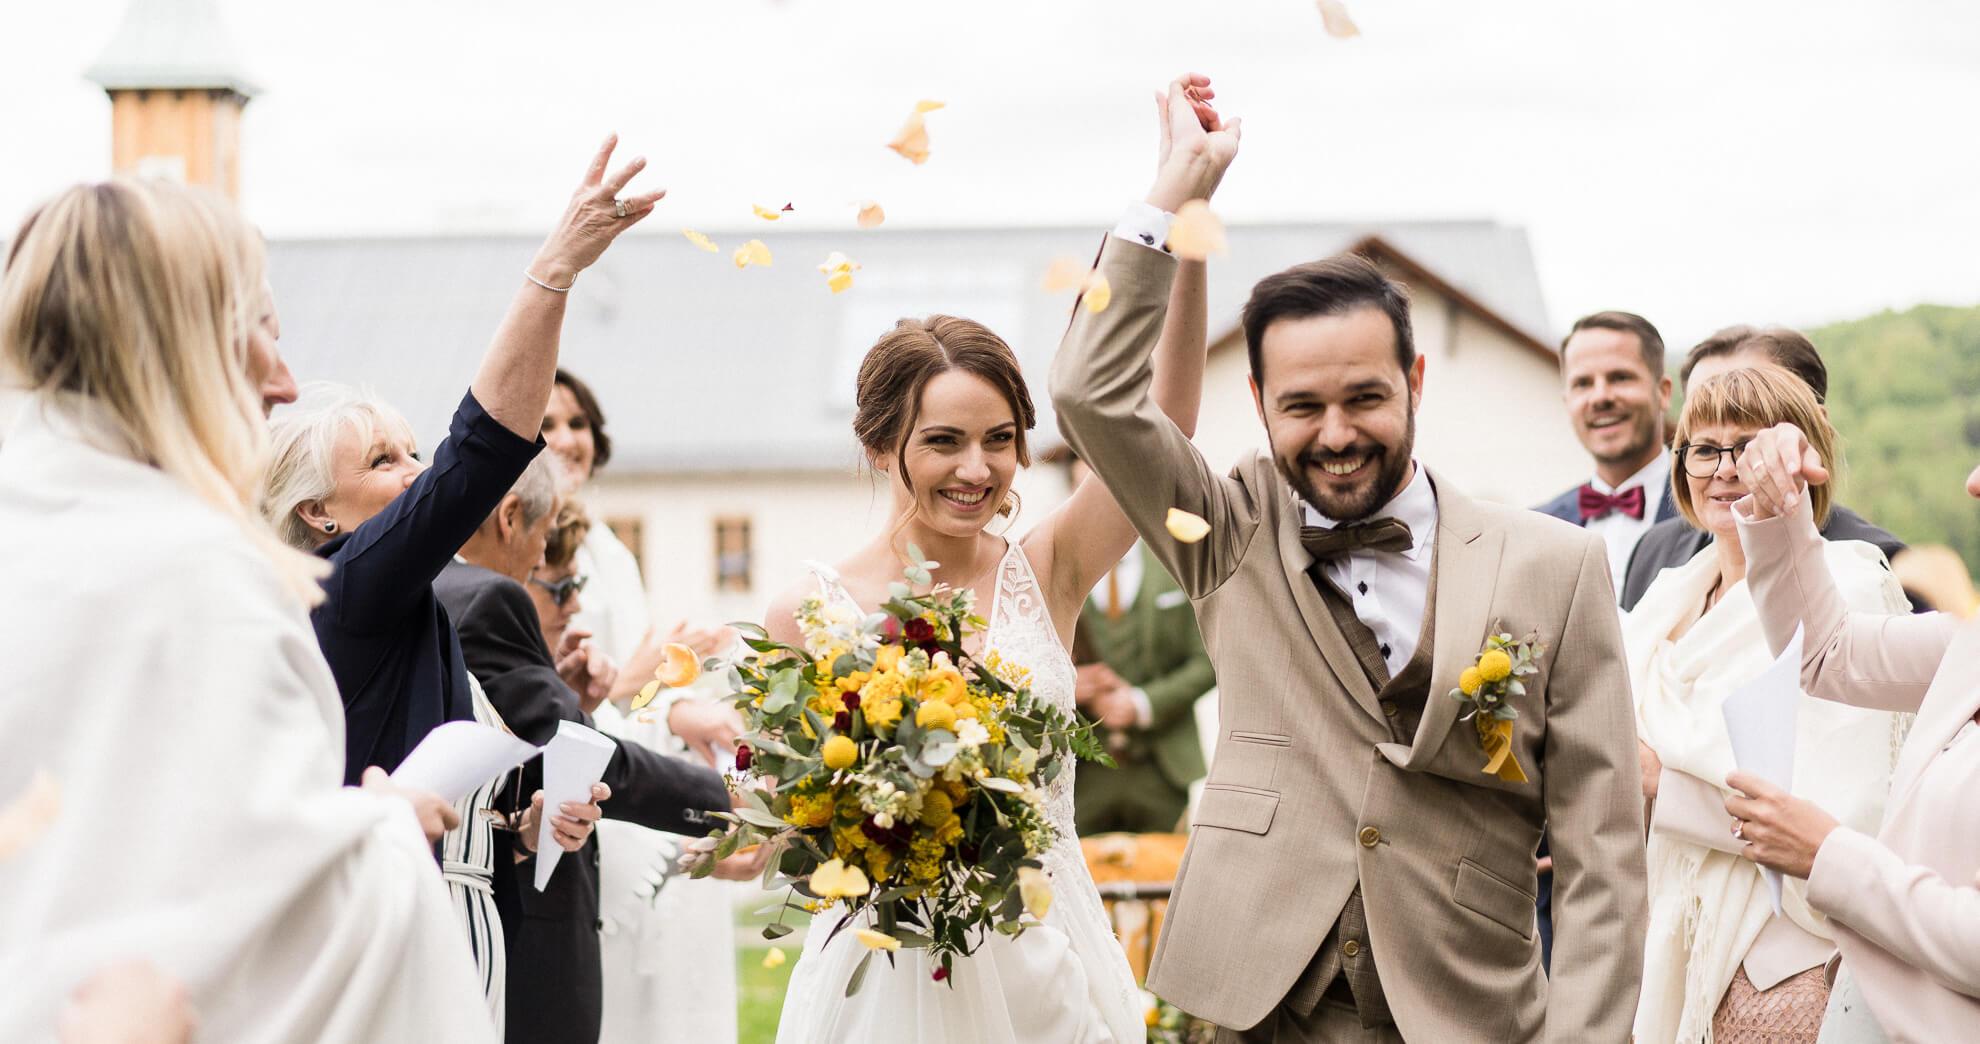 Highlightfilm und Hochzeitsfotografie vom selben Team aus einer Hand